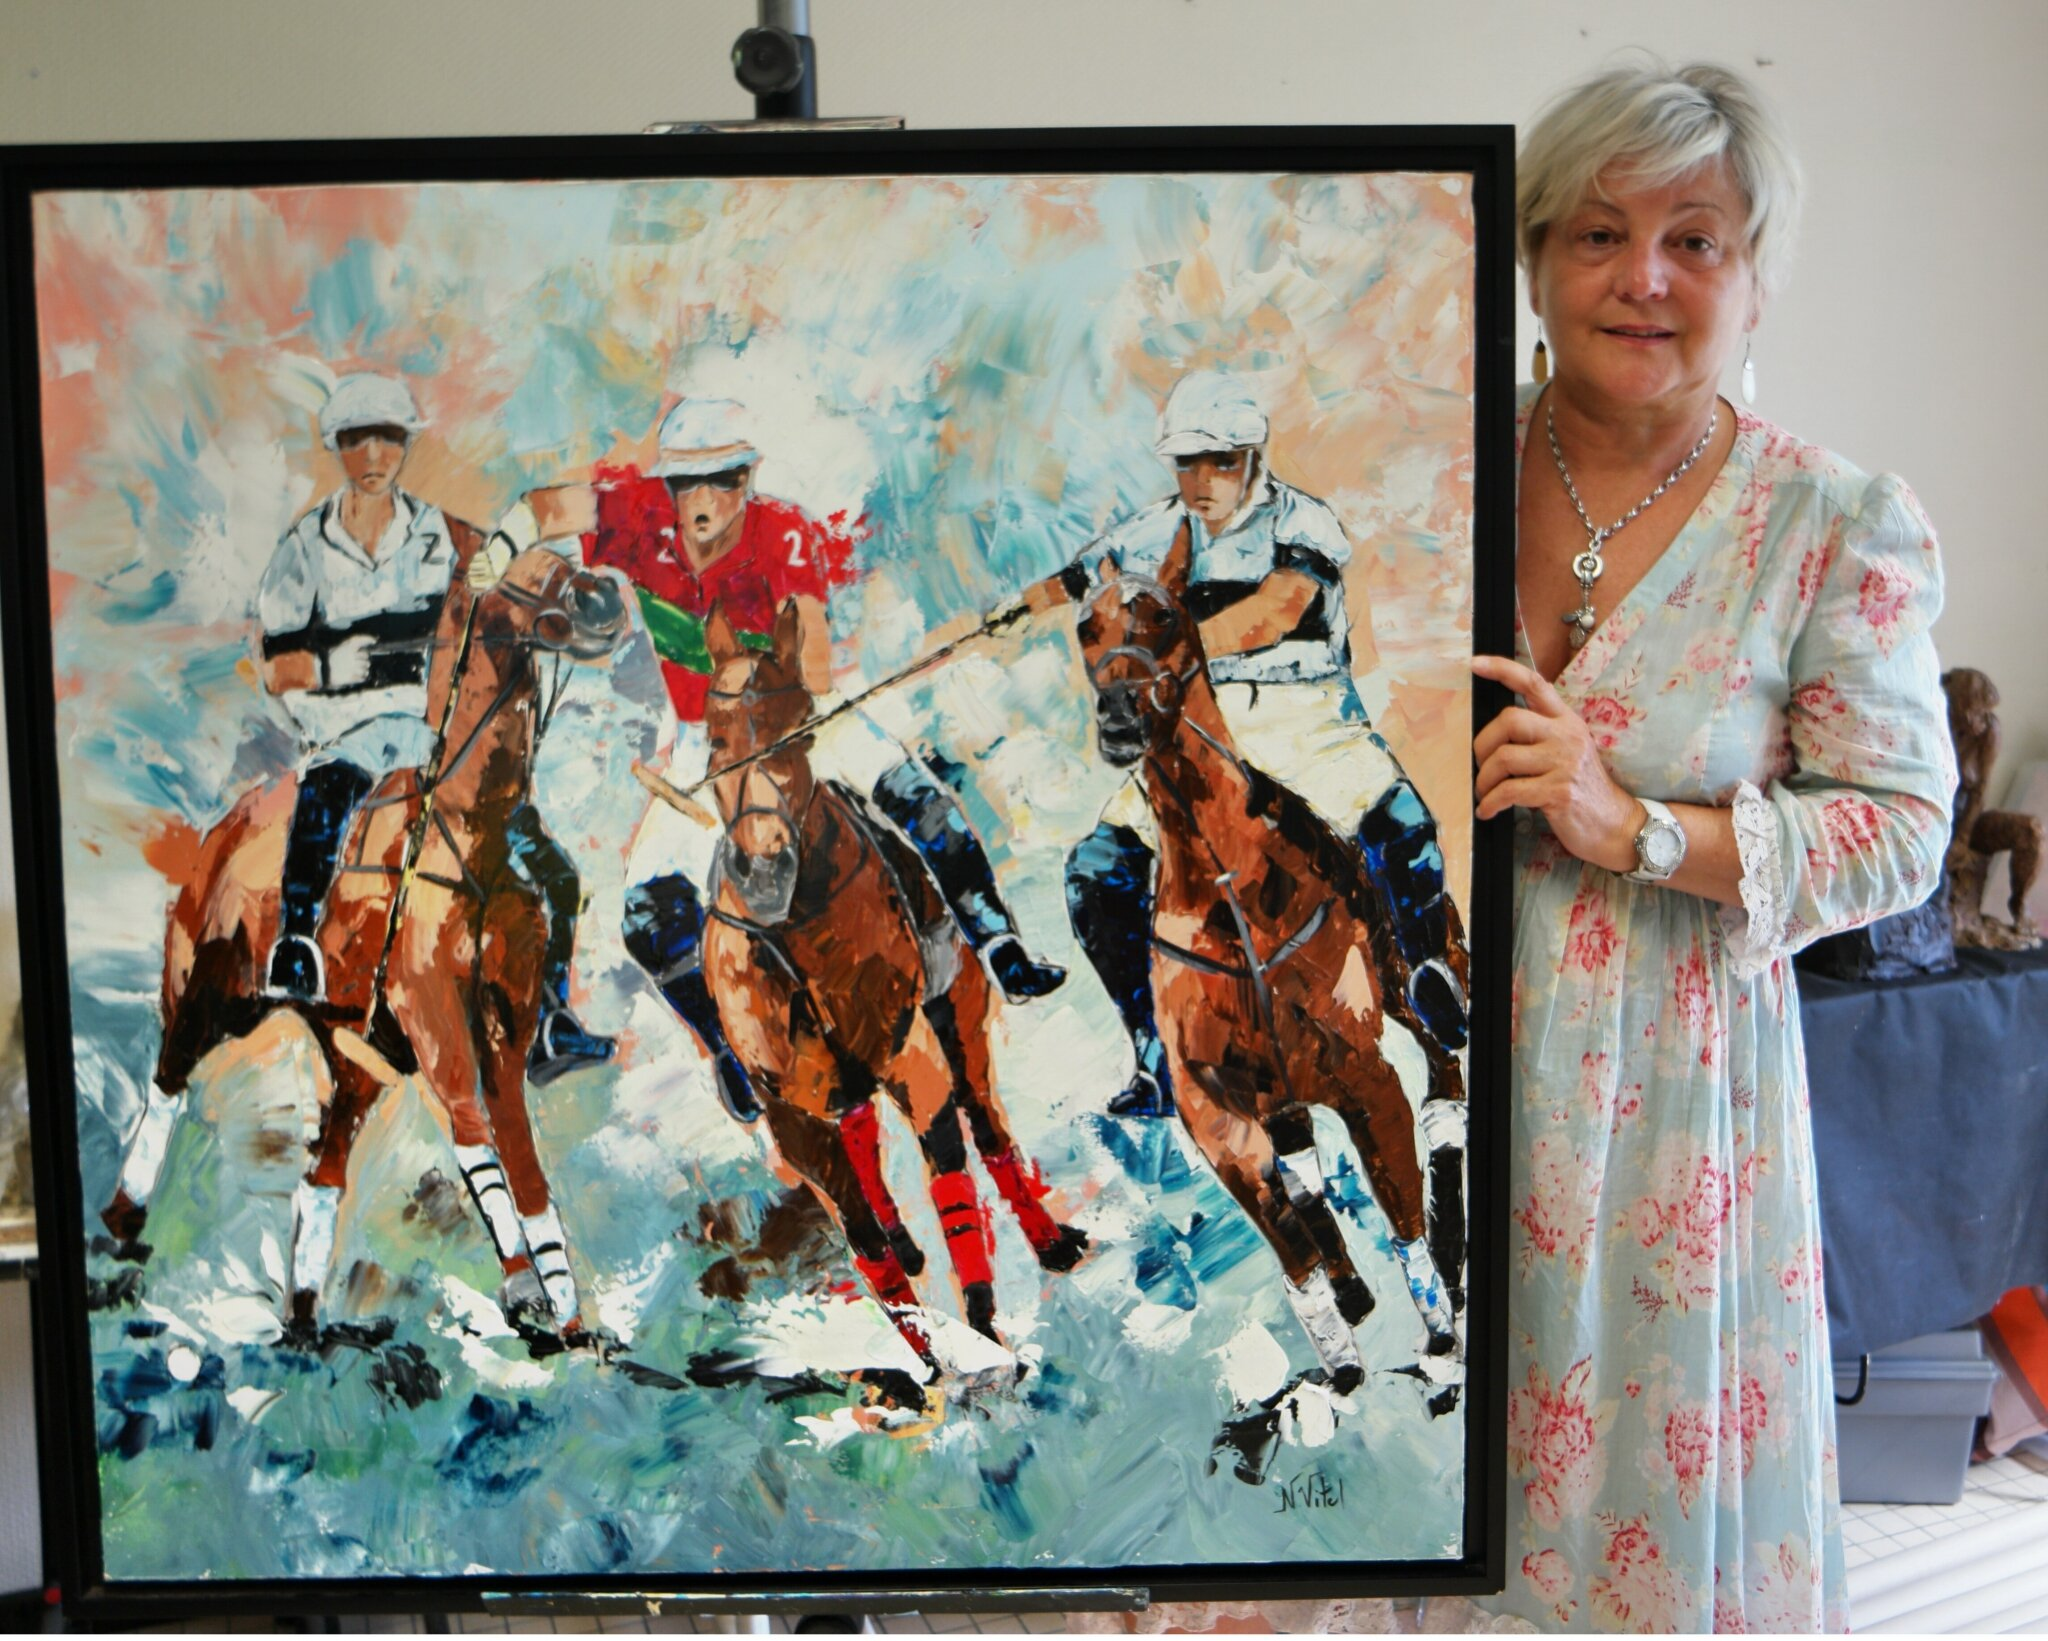 Academie d 39 arras le blog de nadine vitel artiste peintre for Artiste peintre arras